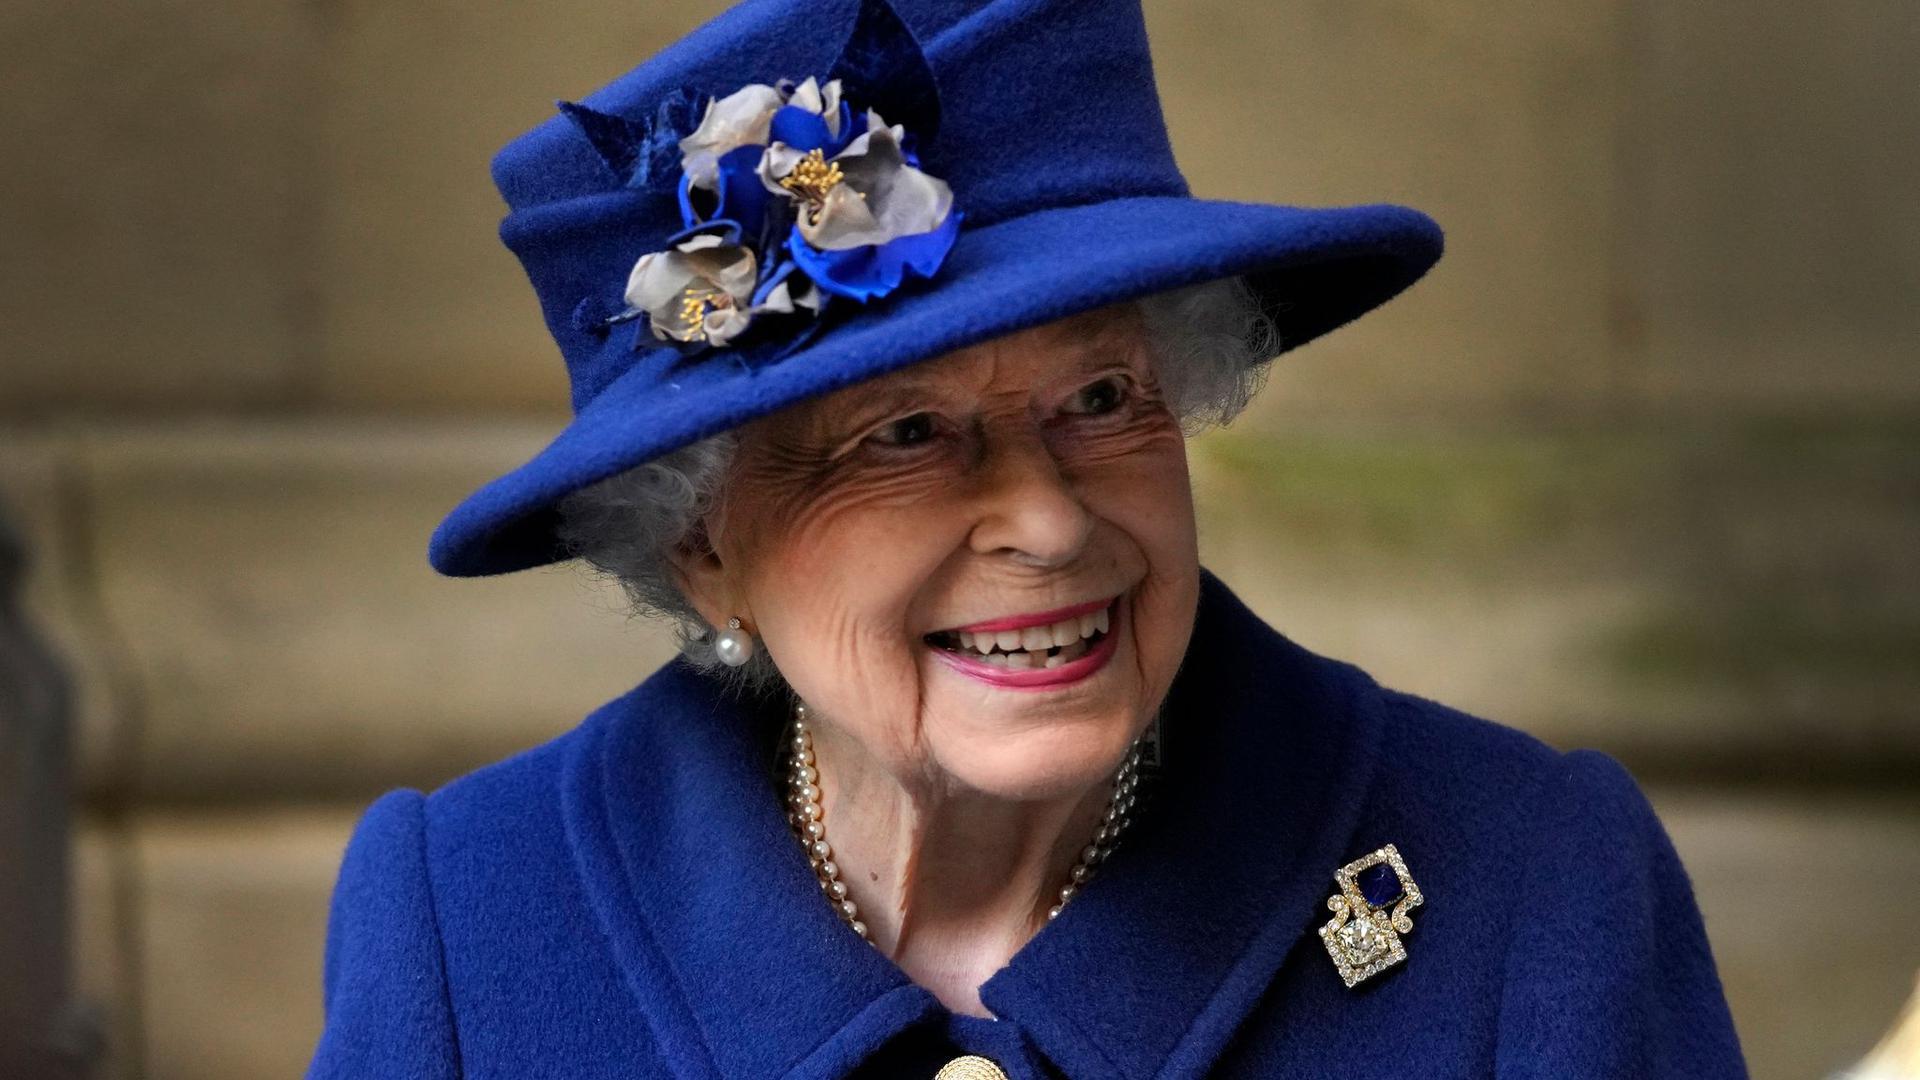 Unermüdlich im Dienst:Die britische Königin Elizabeth II. nach einem Dankgottesdienst in London.